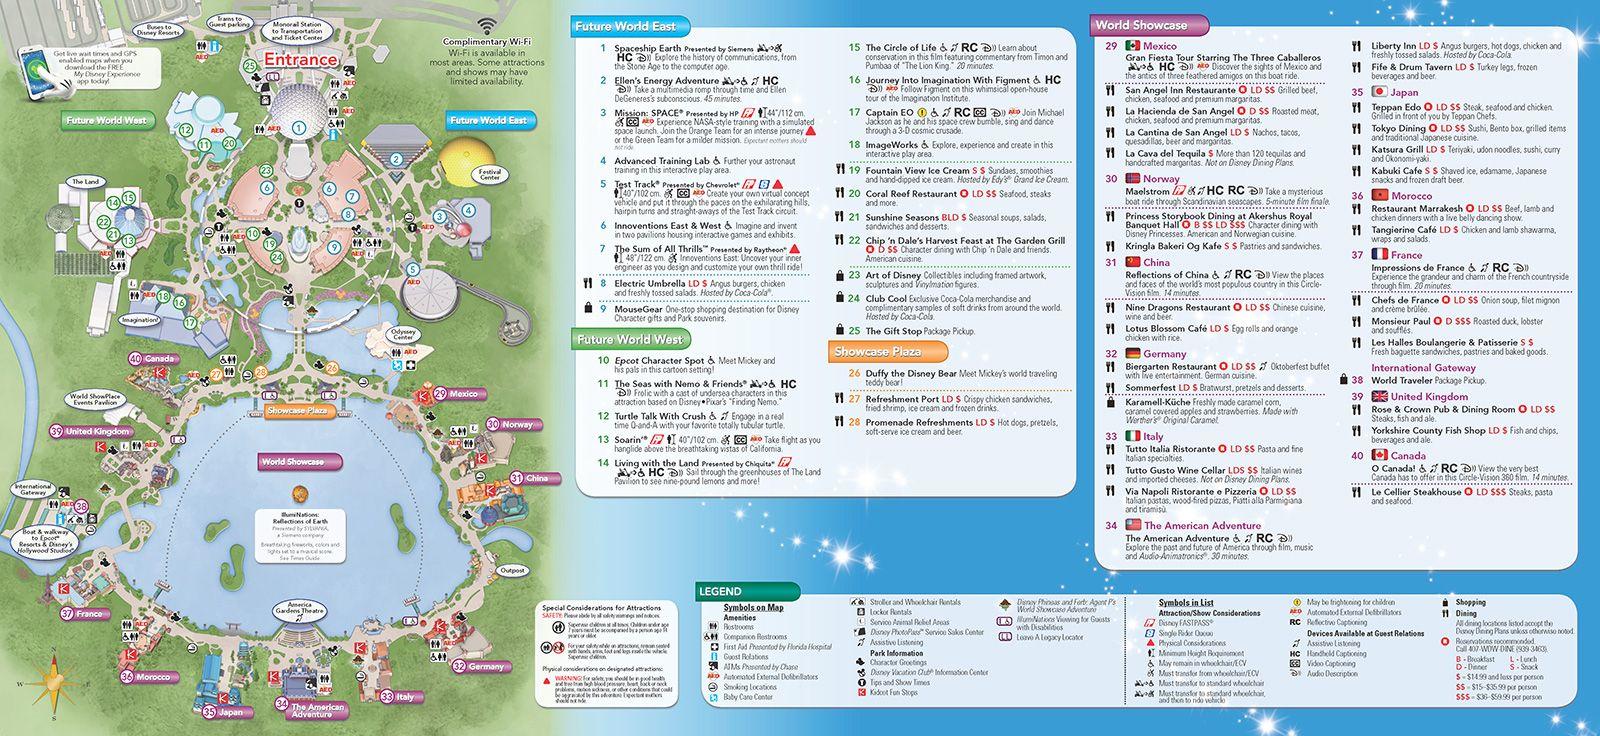 Walt Disney World Park And Resort Maps   New 2013 Epcot Guidemap